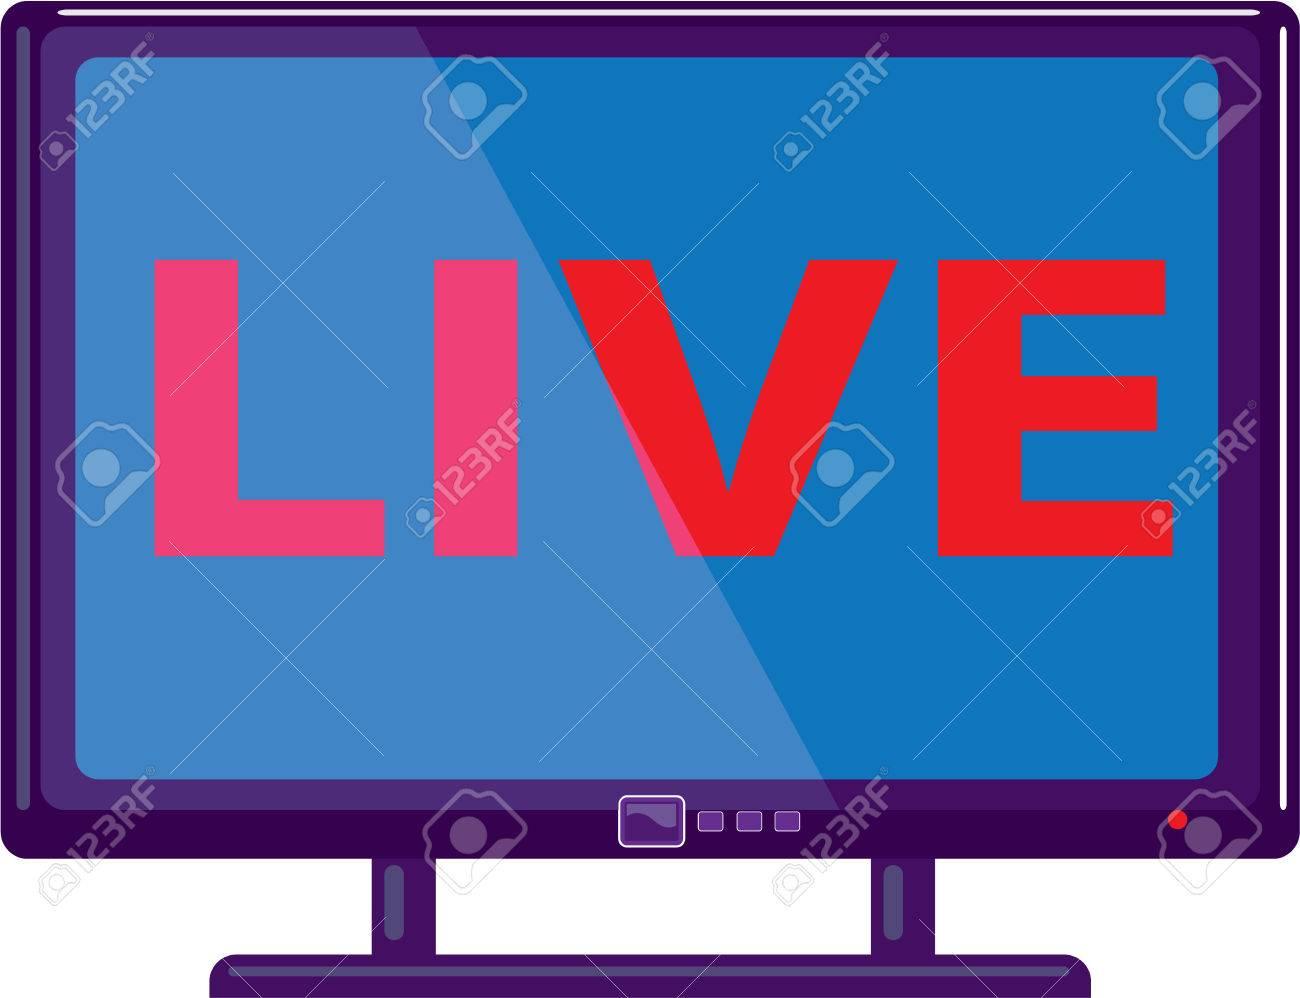 ライブ テレビ ベクトル アイコン イラスト クリップ アート イメージを